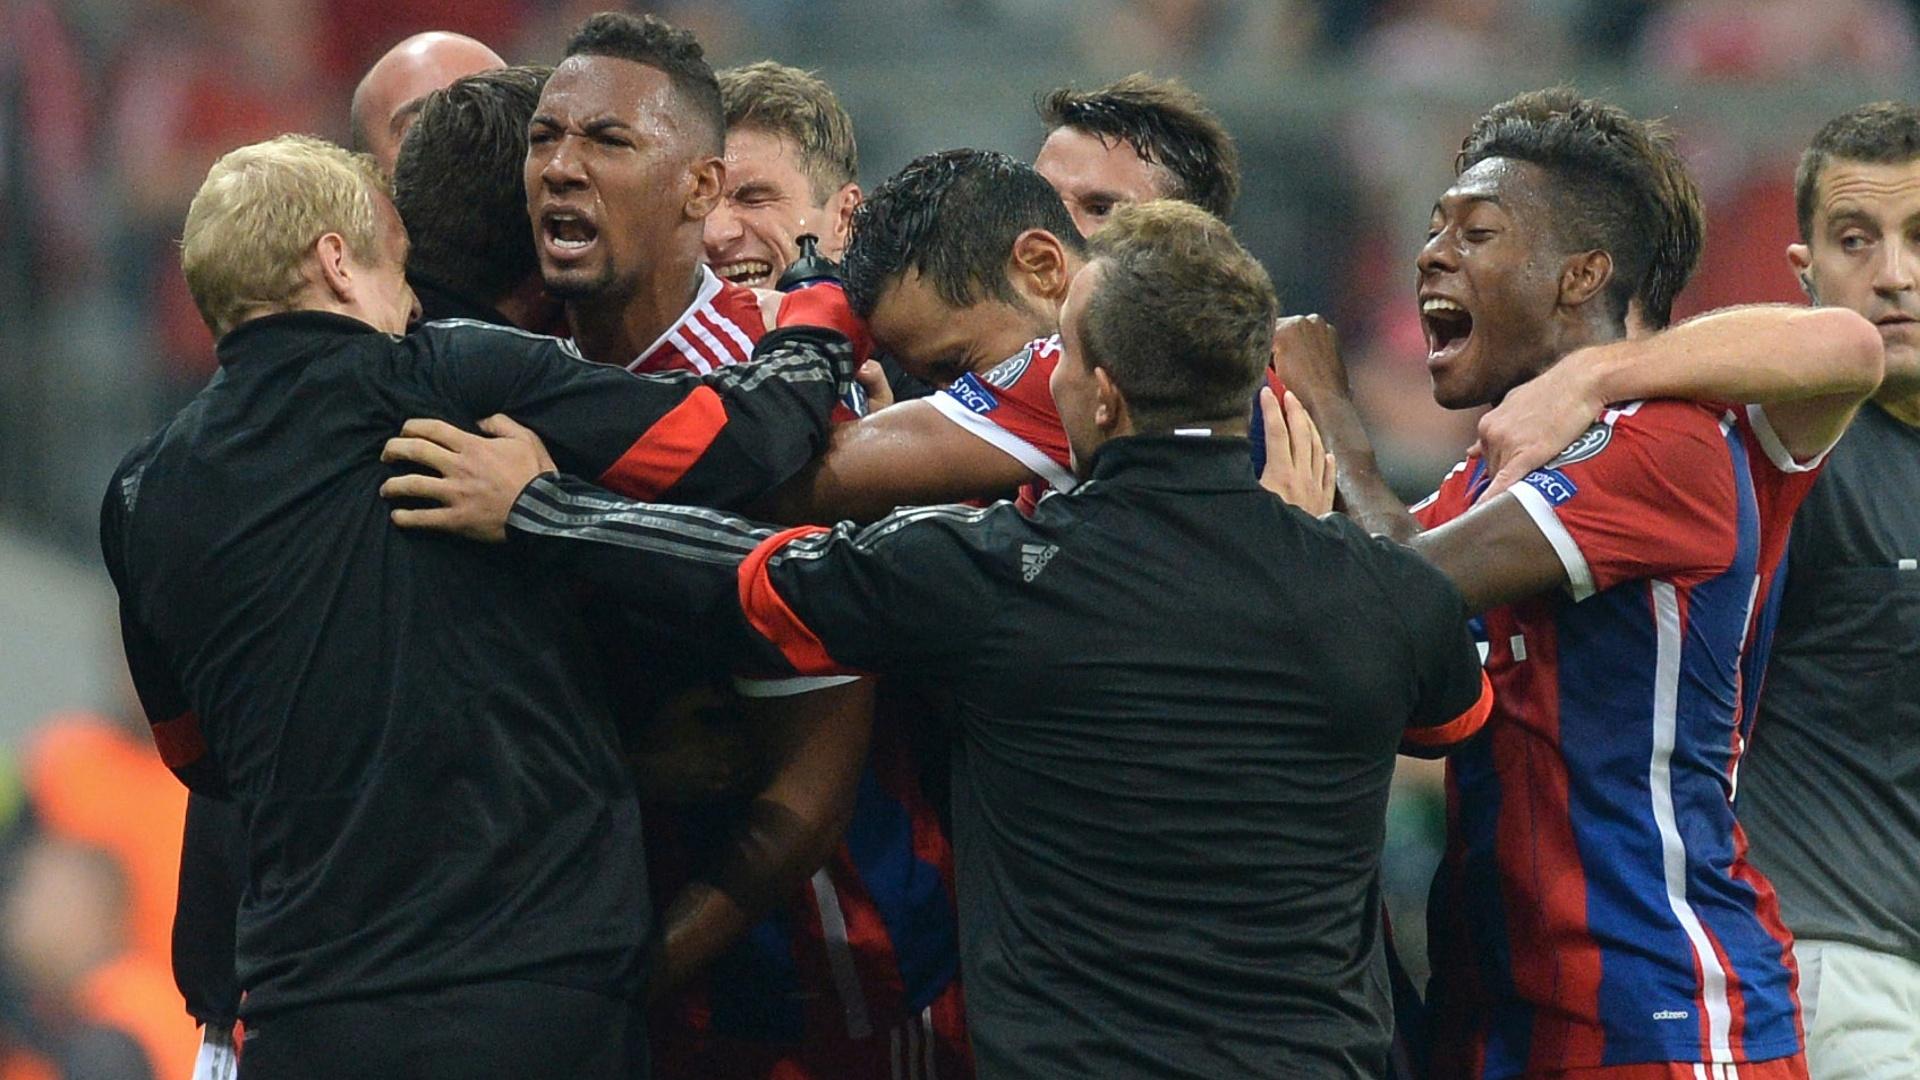 Jerome Boateng é abraçado pelo elenco do Bayern de Munique após marcar contra o Manchester City